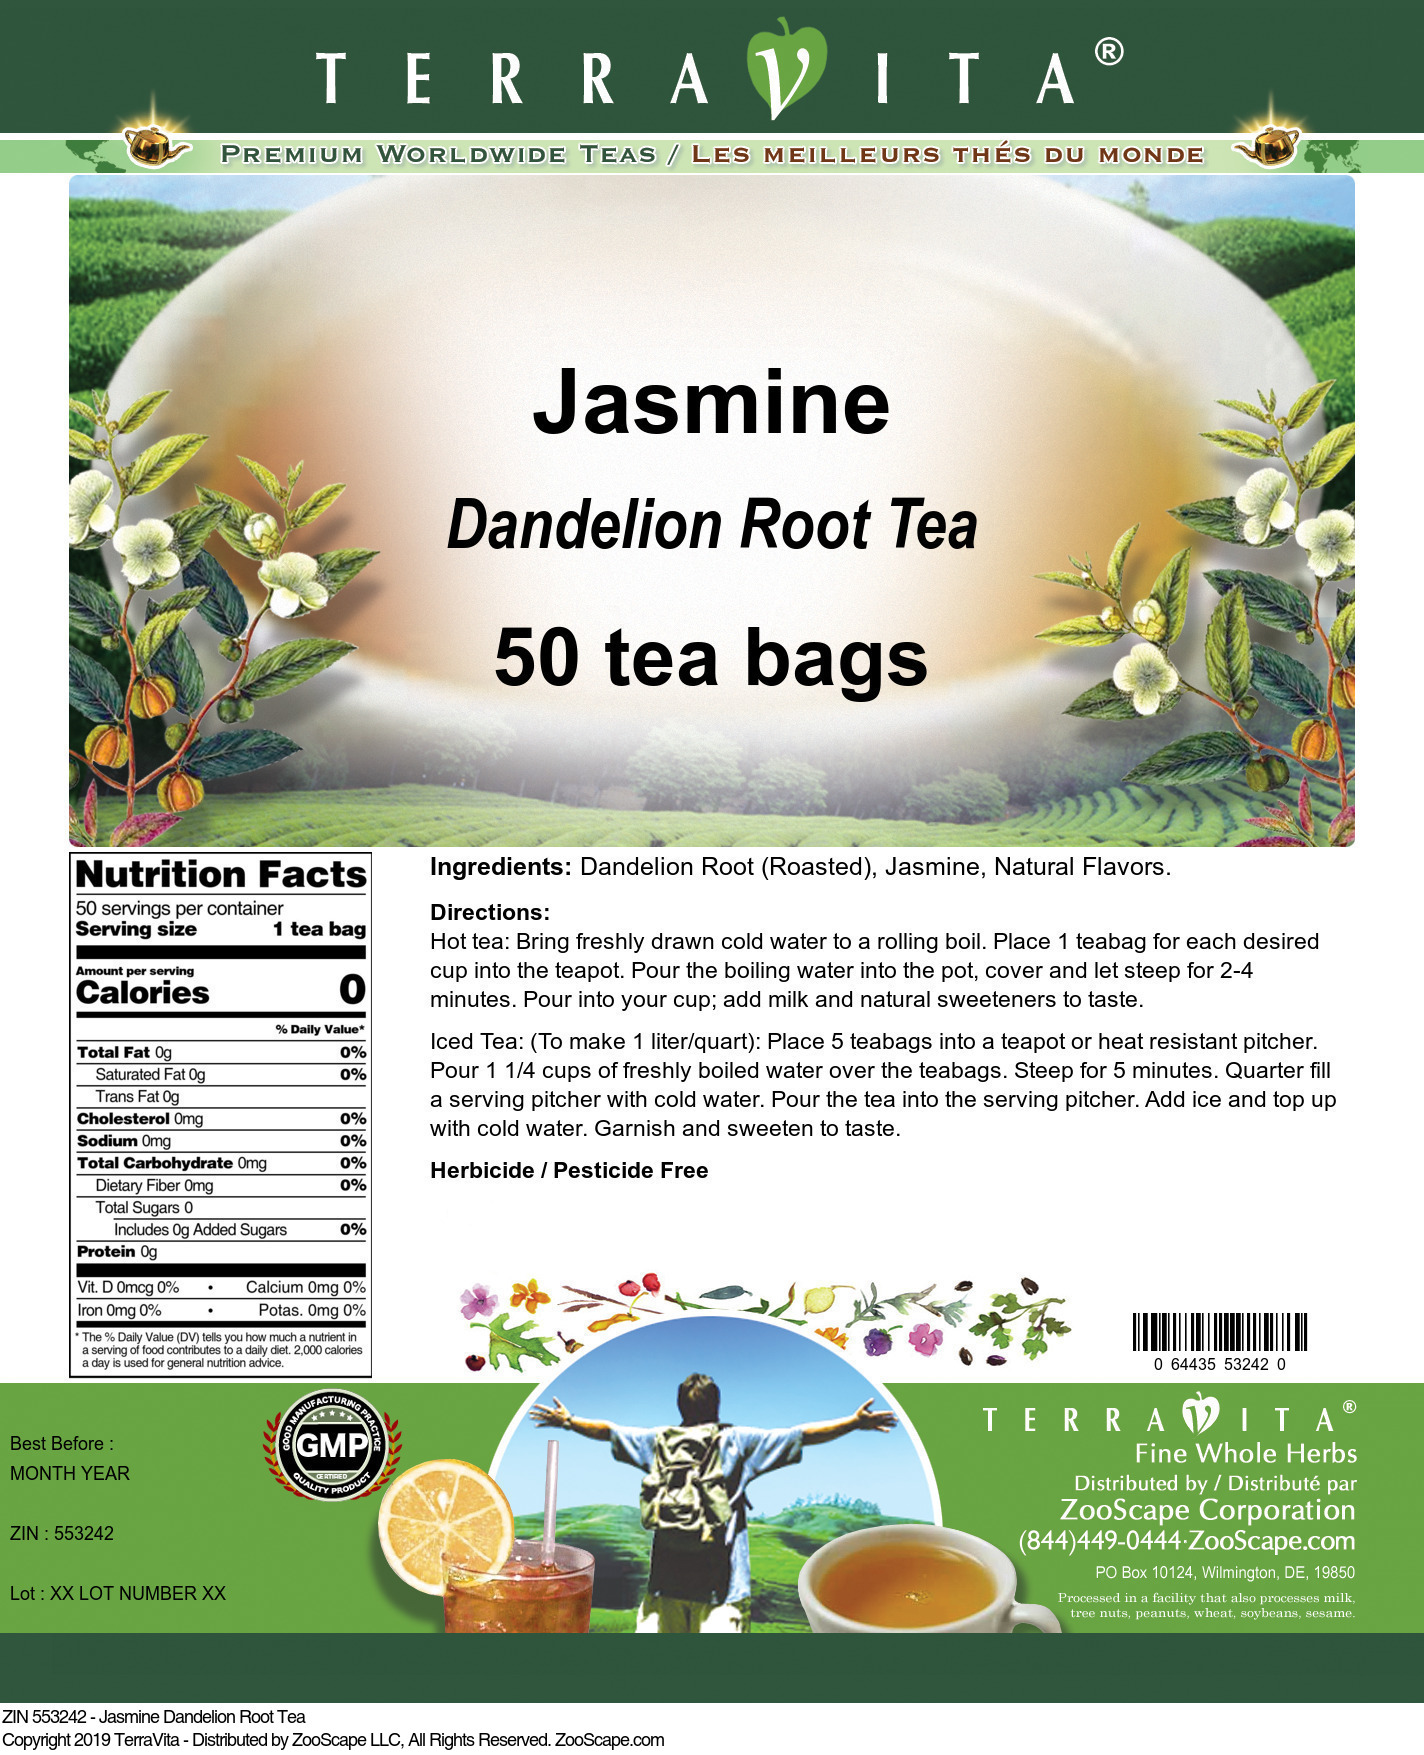 Jasmine Dandelion Root Tea